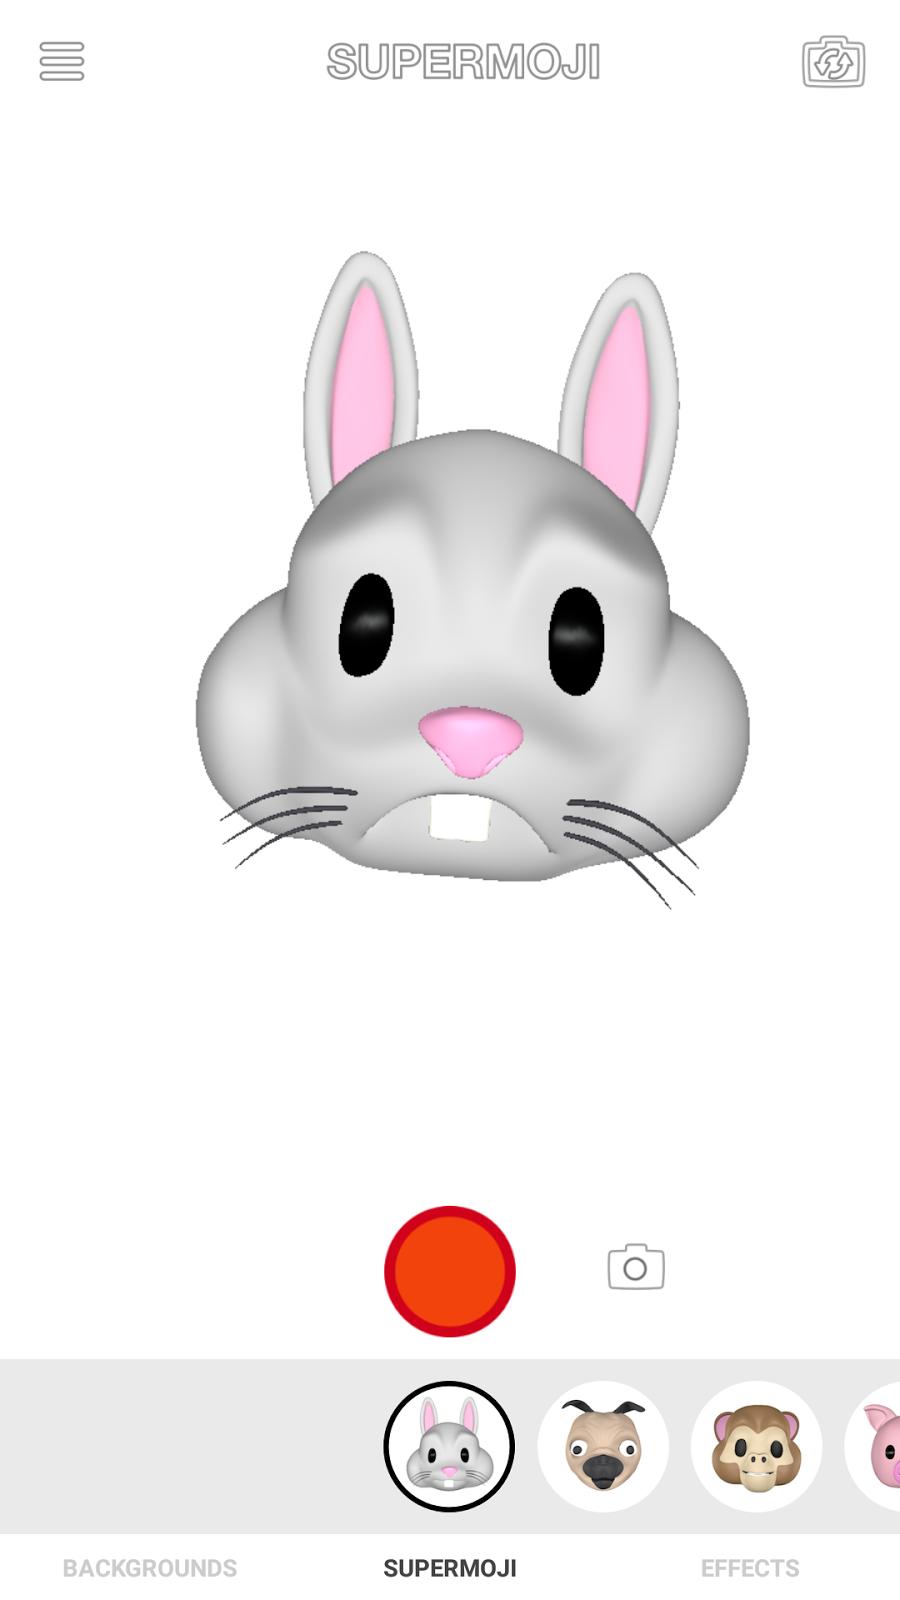 Sad Rabbit Supermoji